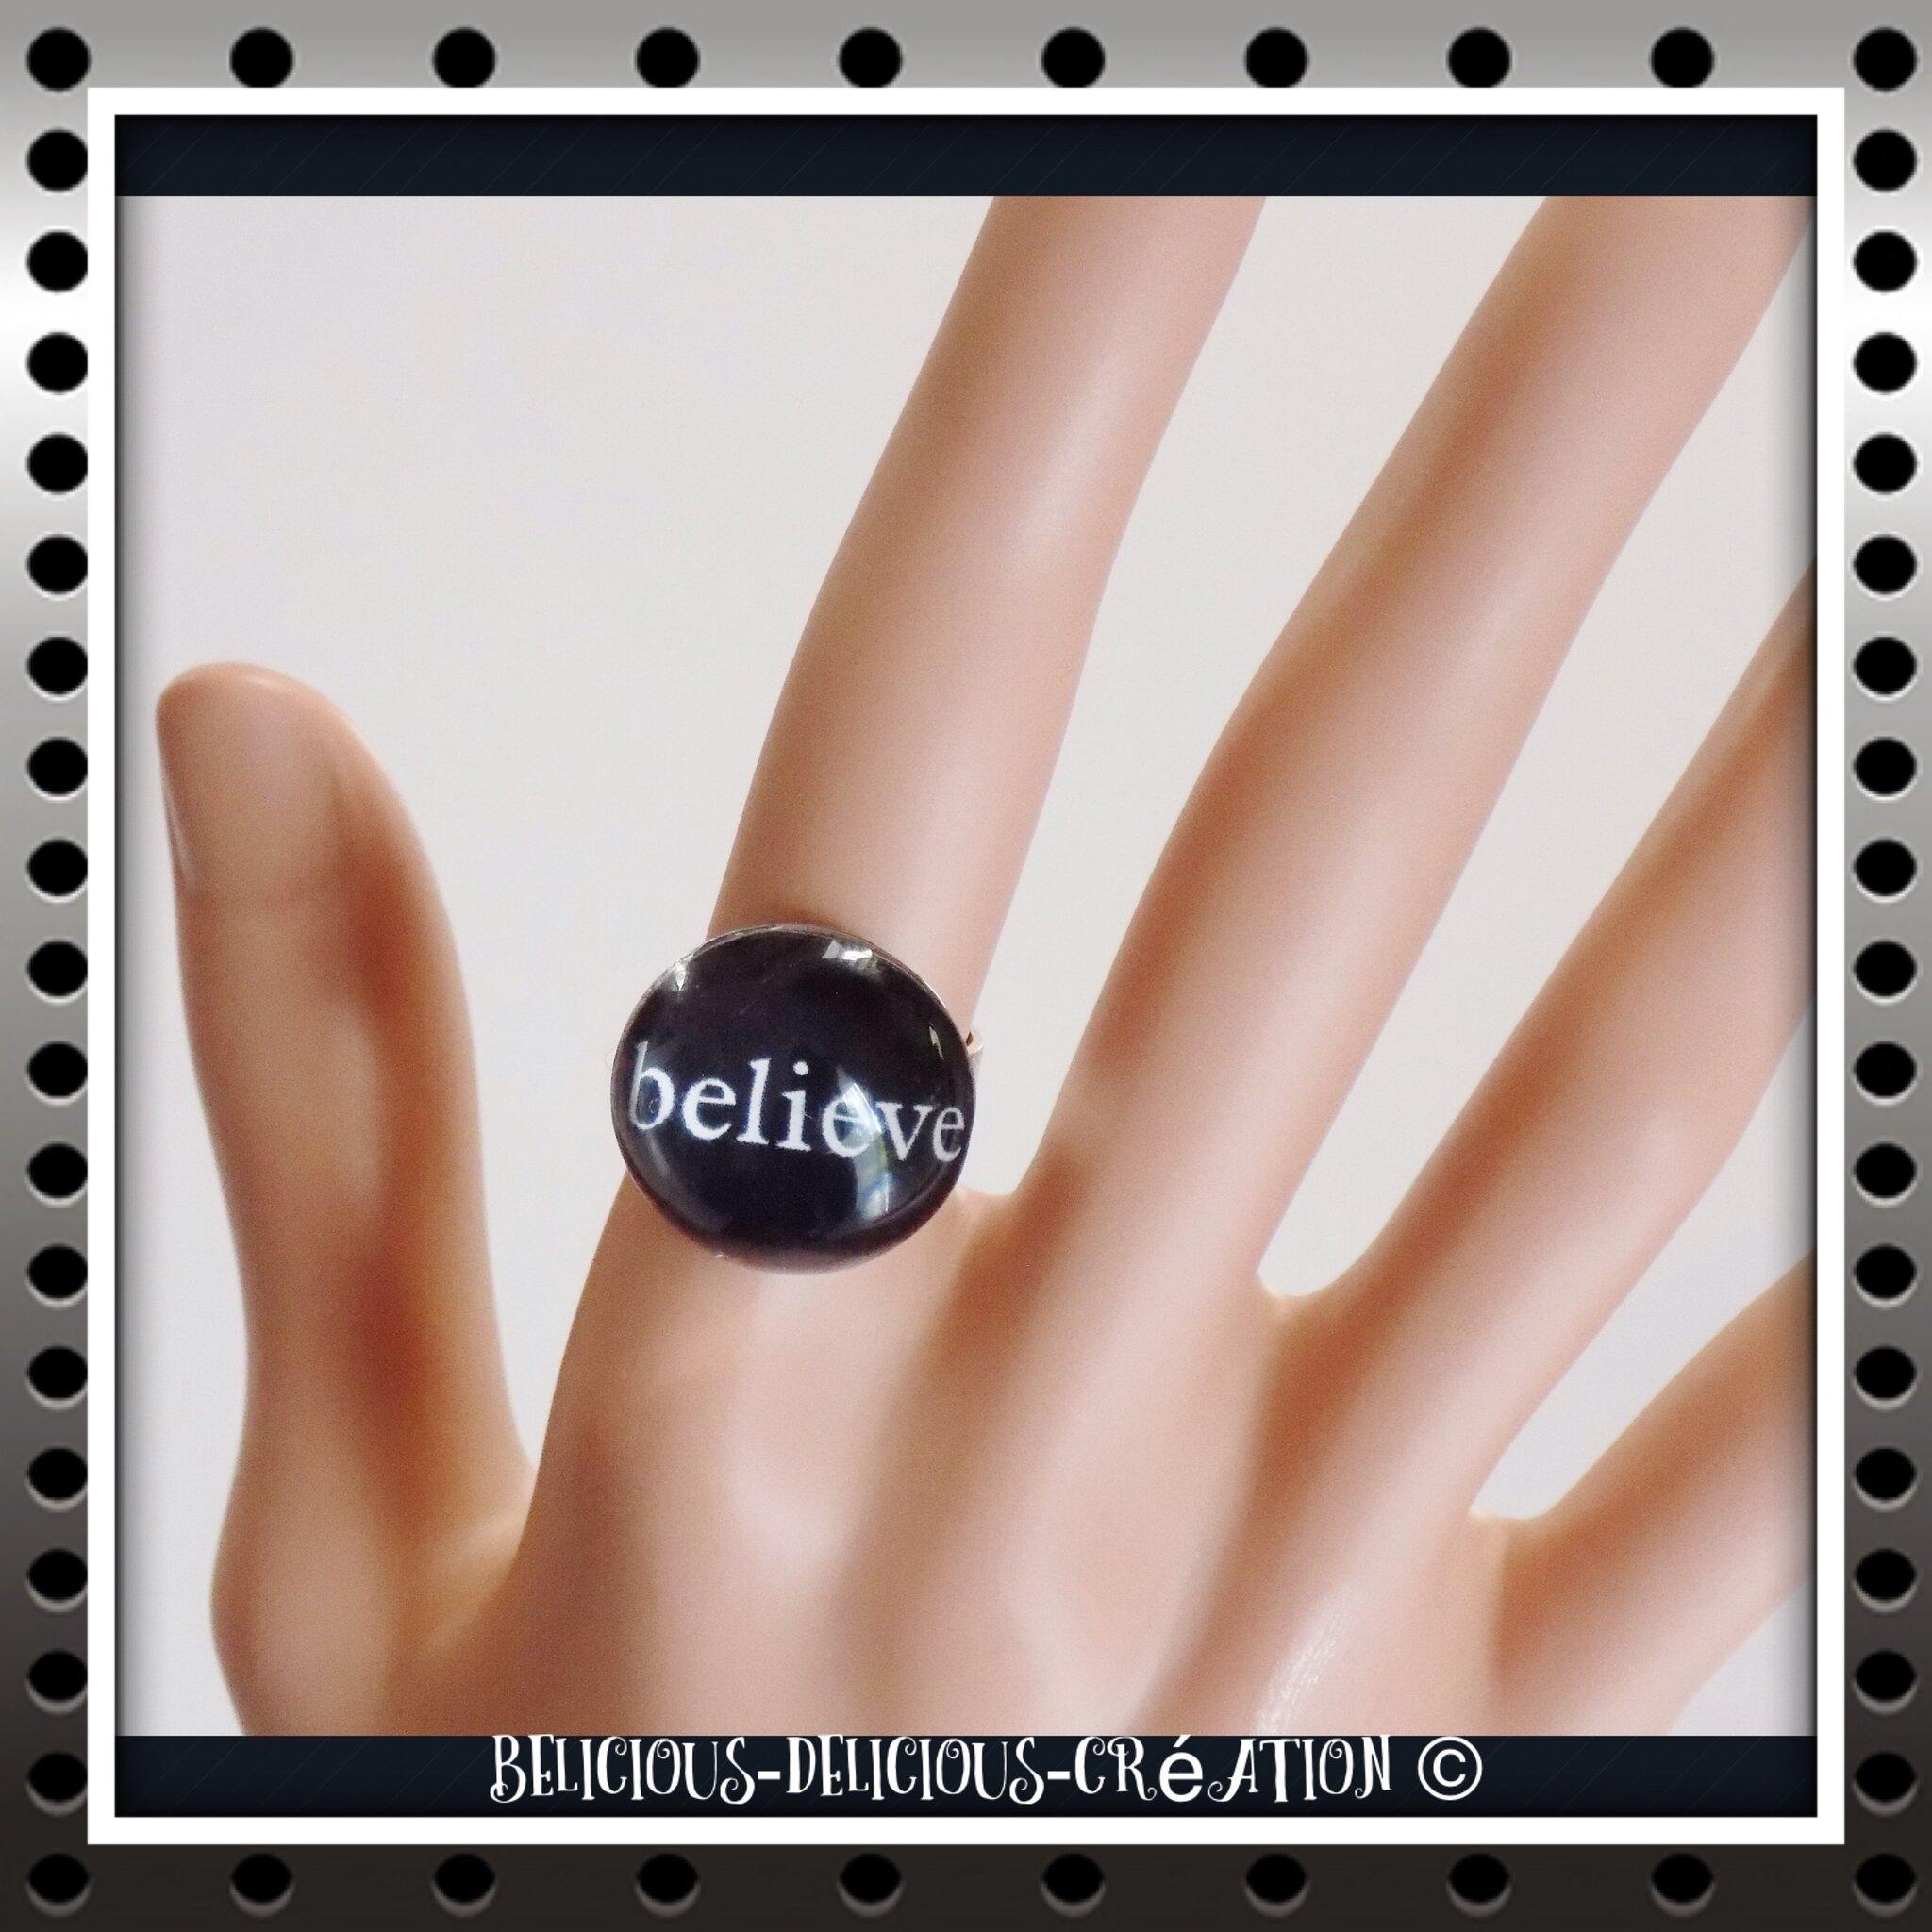 Original Bague !! BELIEVE !! noir En Verre et Metal Bague anneau réglable BELICIOUS-DELICIOUS CREATION